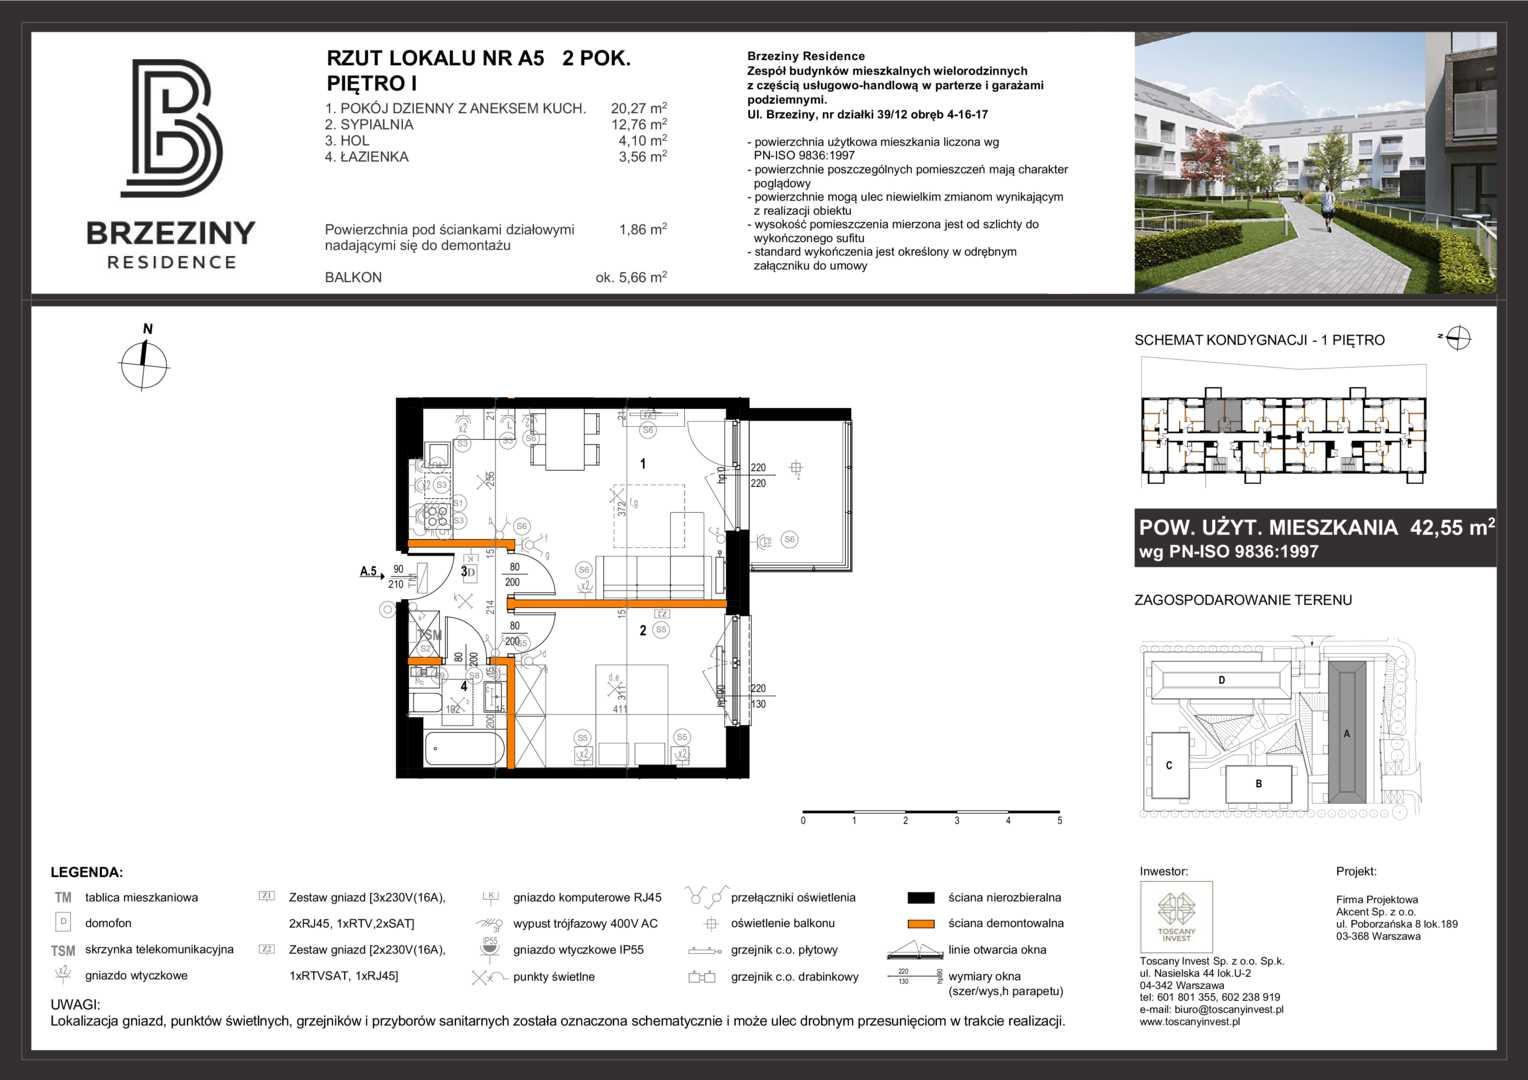 Mieszkanie w inwestycji: Brzeziny Residence